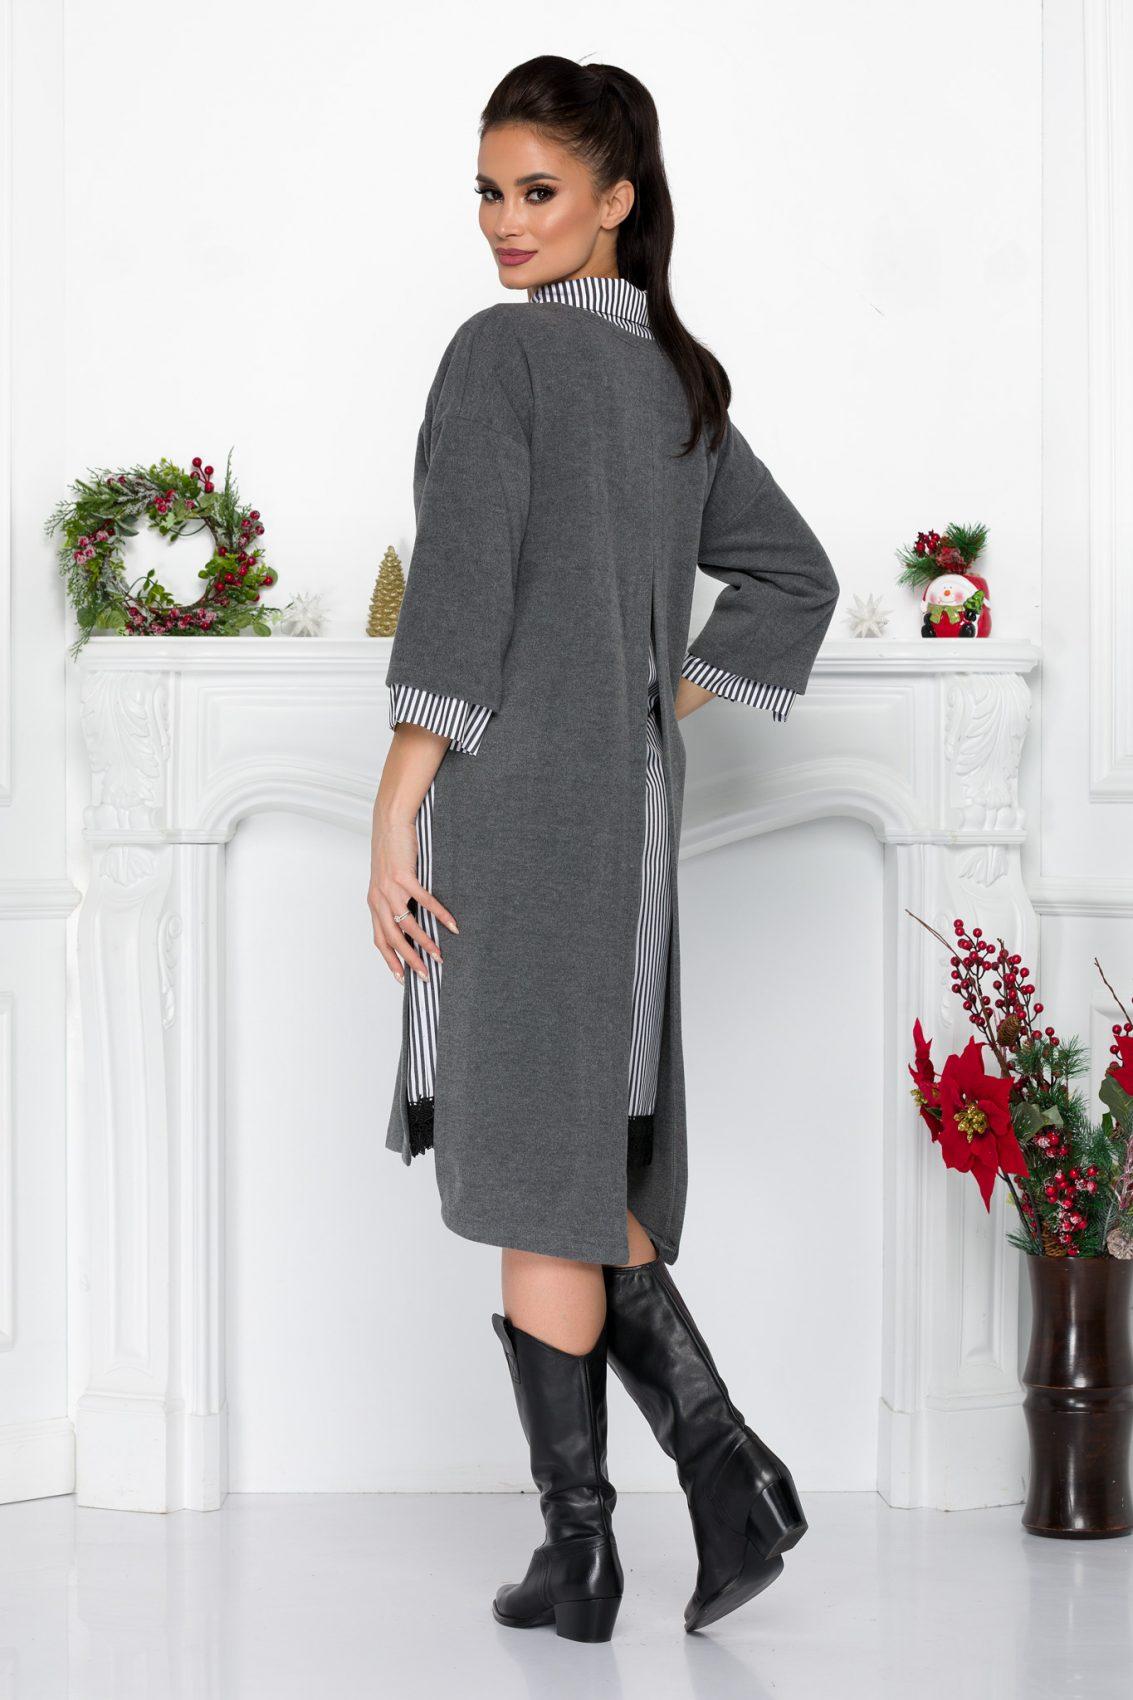 Γκρι Πλεκτό Φόρεμα Με Δαντέλα Soffi 9041 1